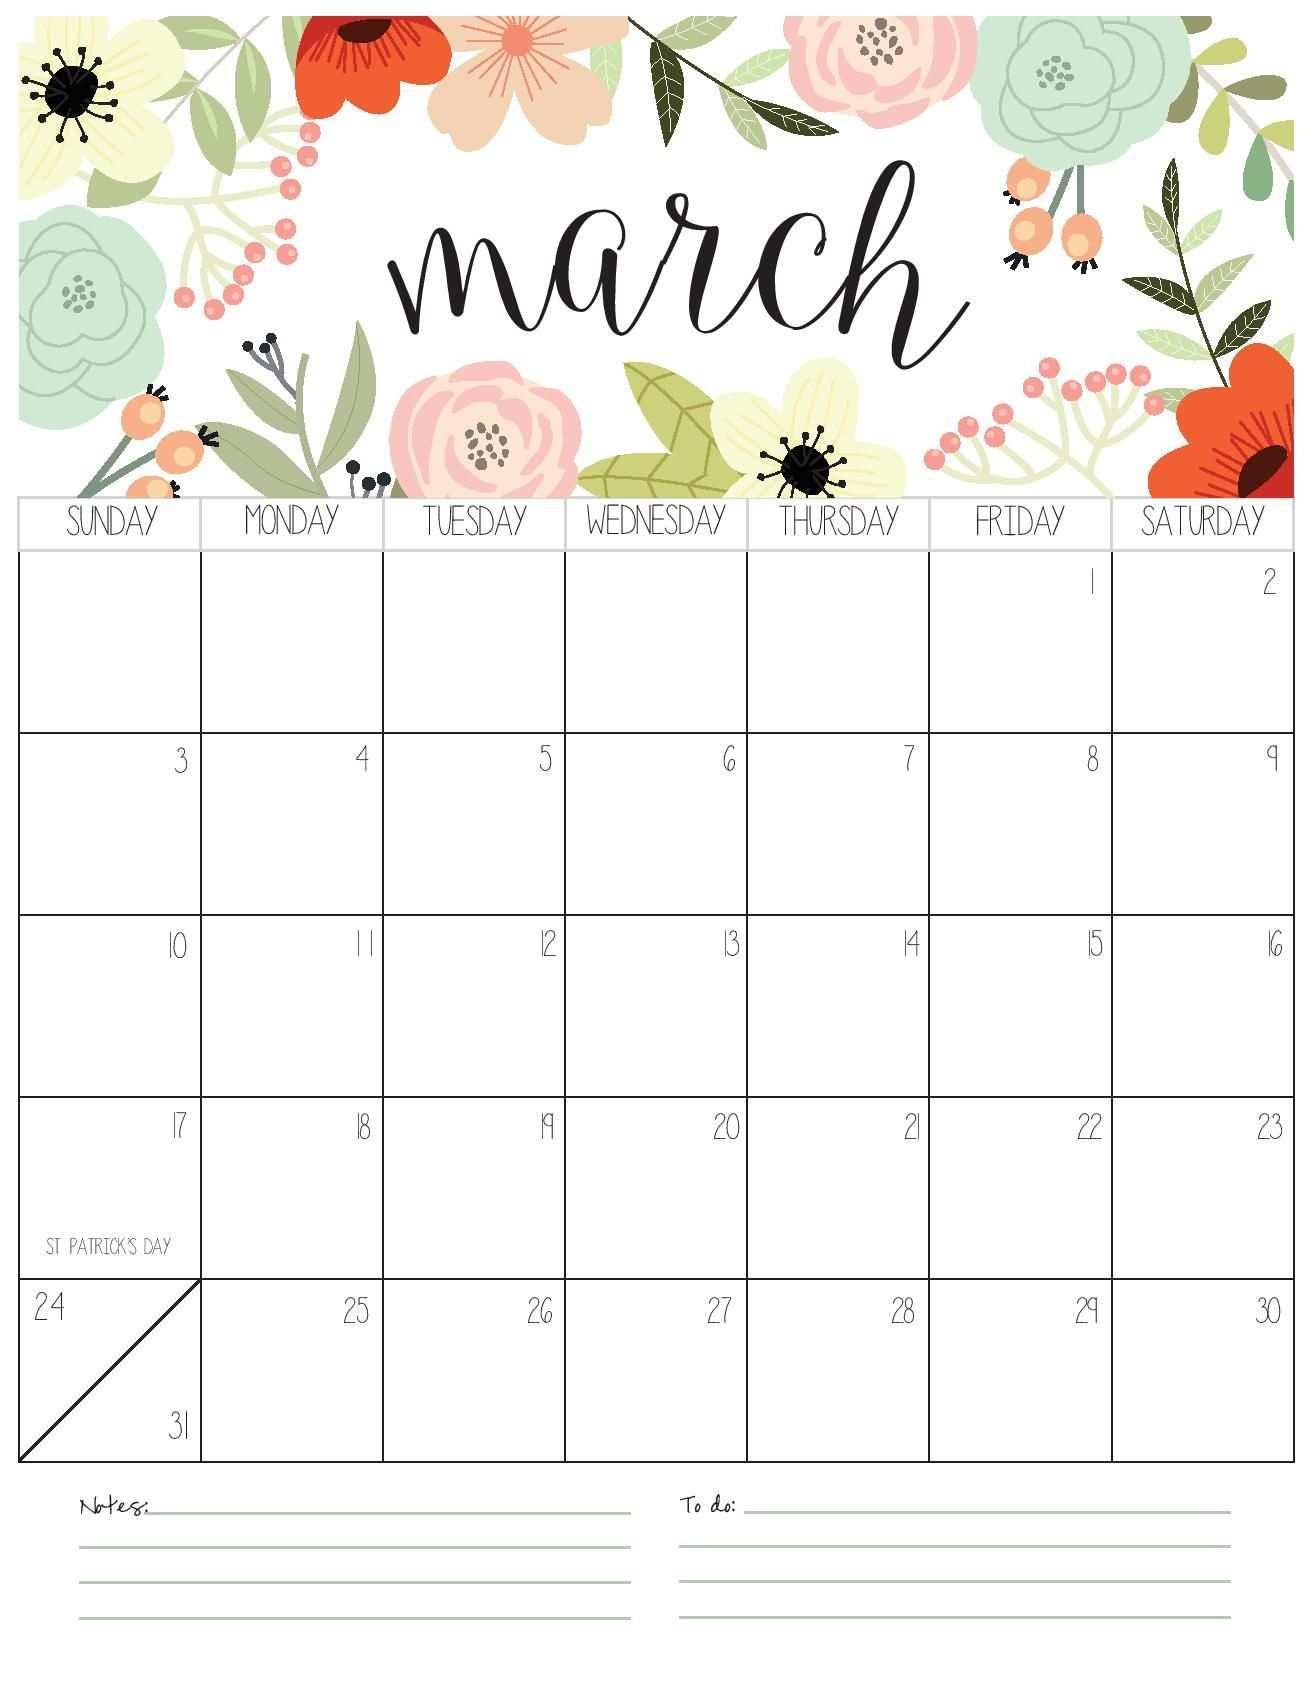 Kalender 2019 Zum Ausdrucken Fur Kinder Kalender Zum Ausdrucken